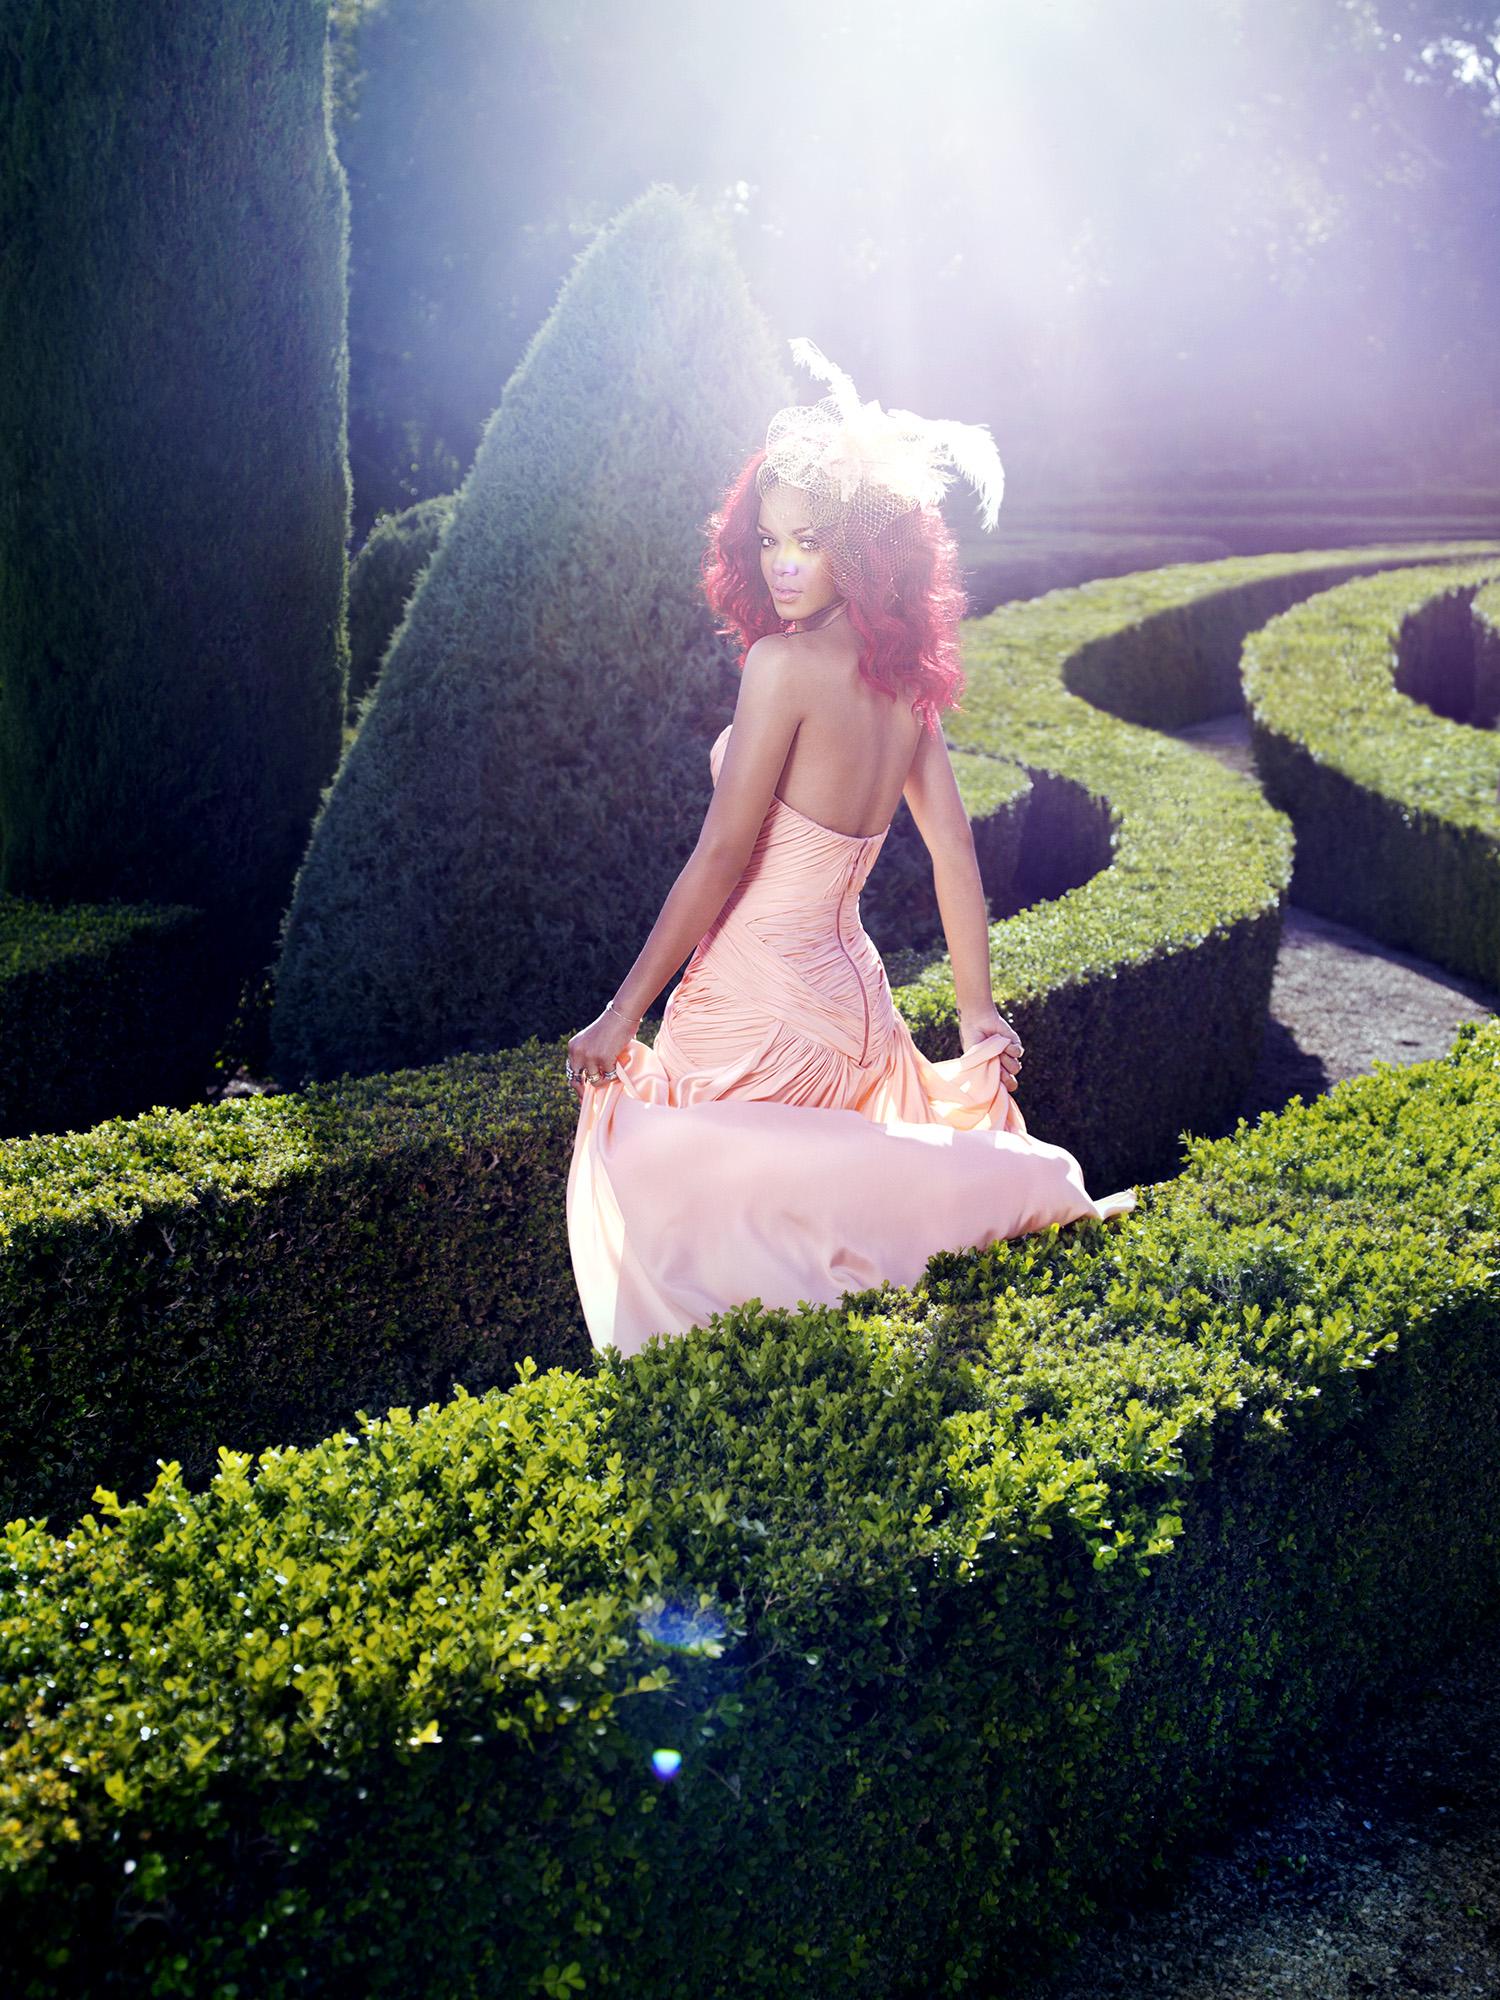 Overview | Rihanna